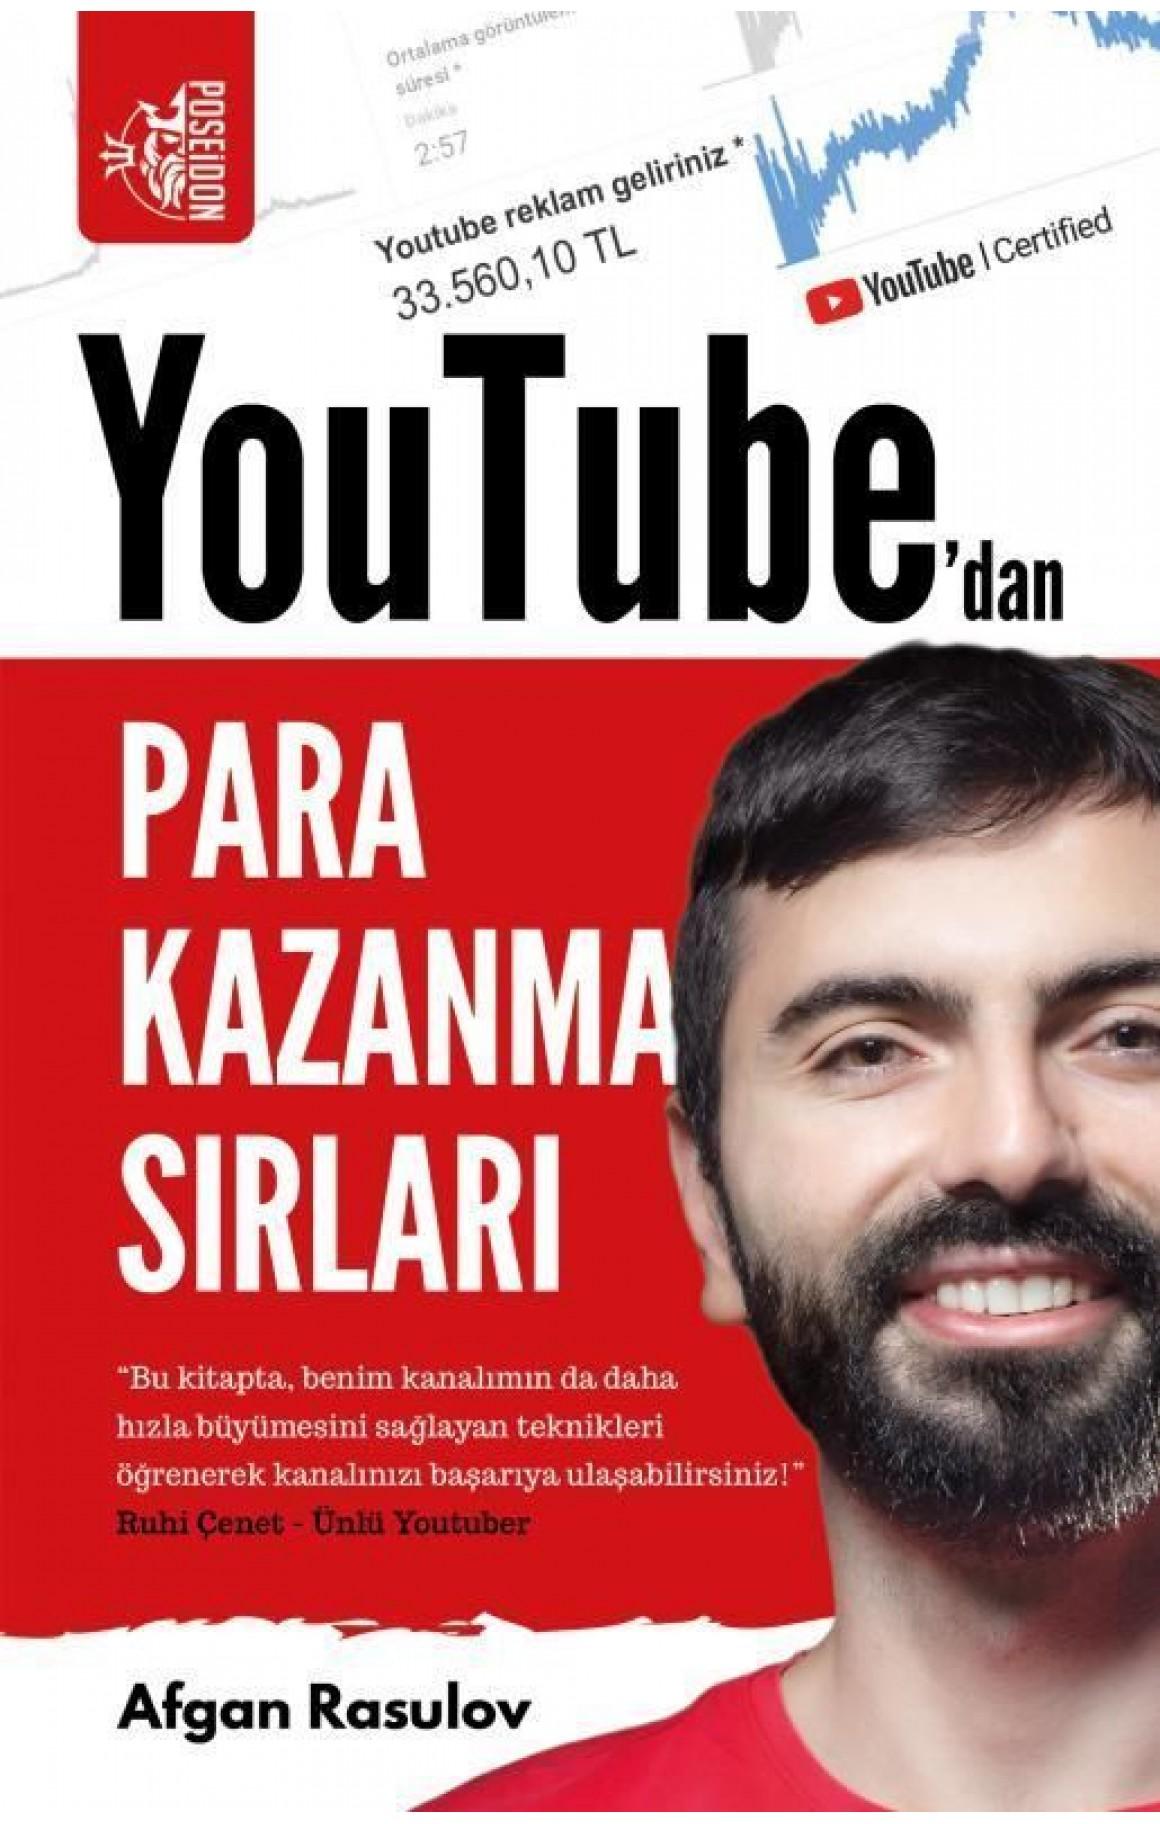 Youtubedan Para Kazanma Sırları